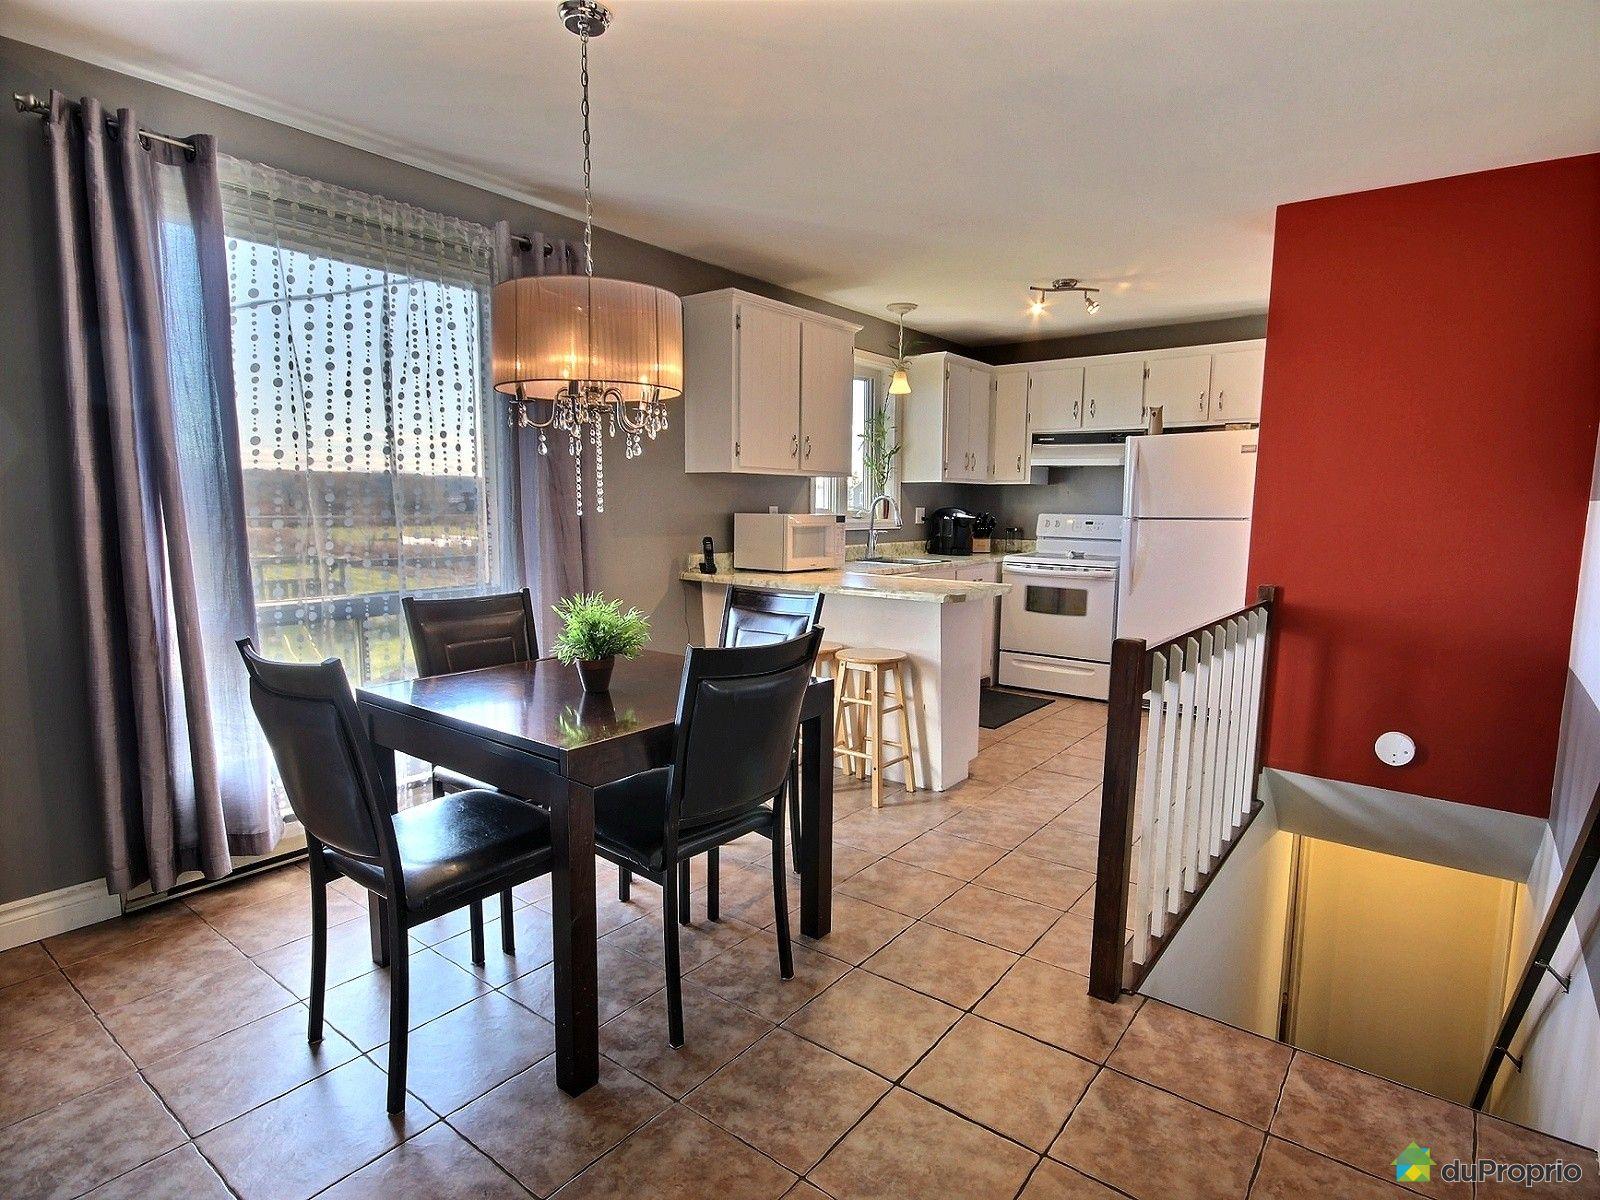 Maison Vendre Ch Teau Richer 8446 Avenue Royale